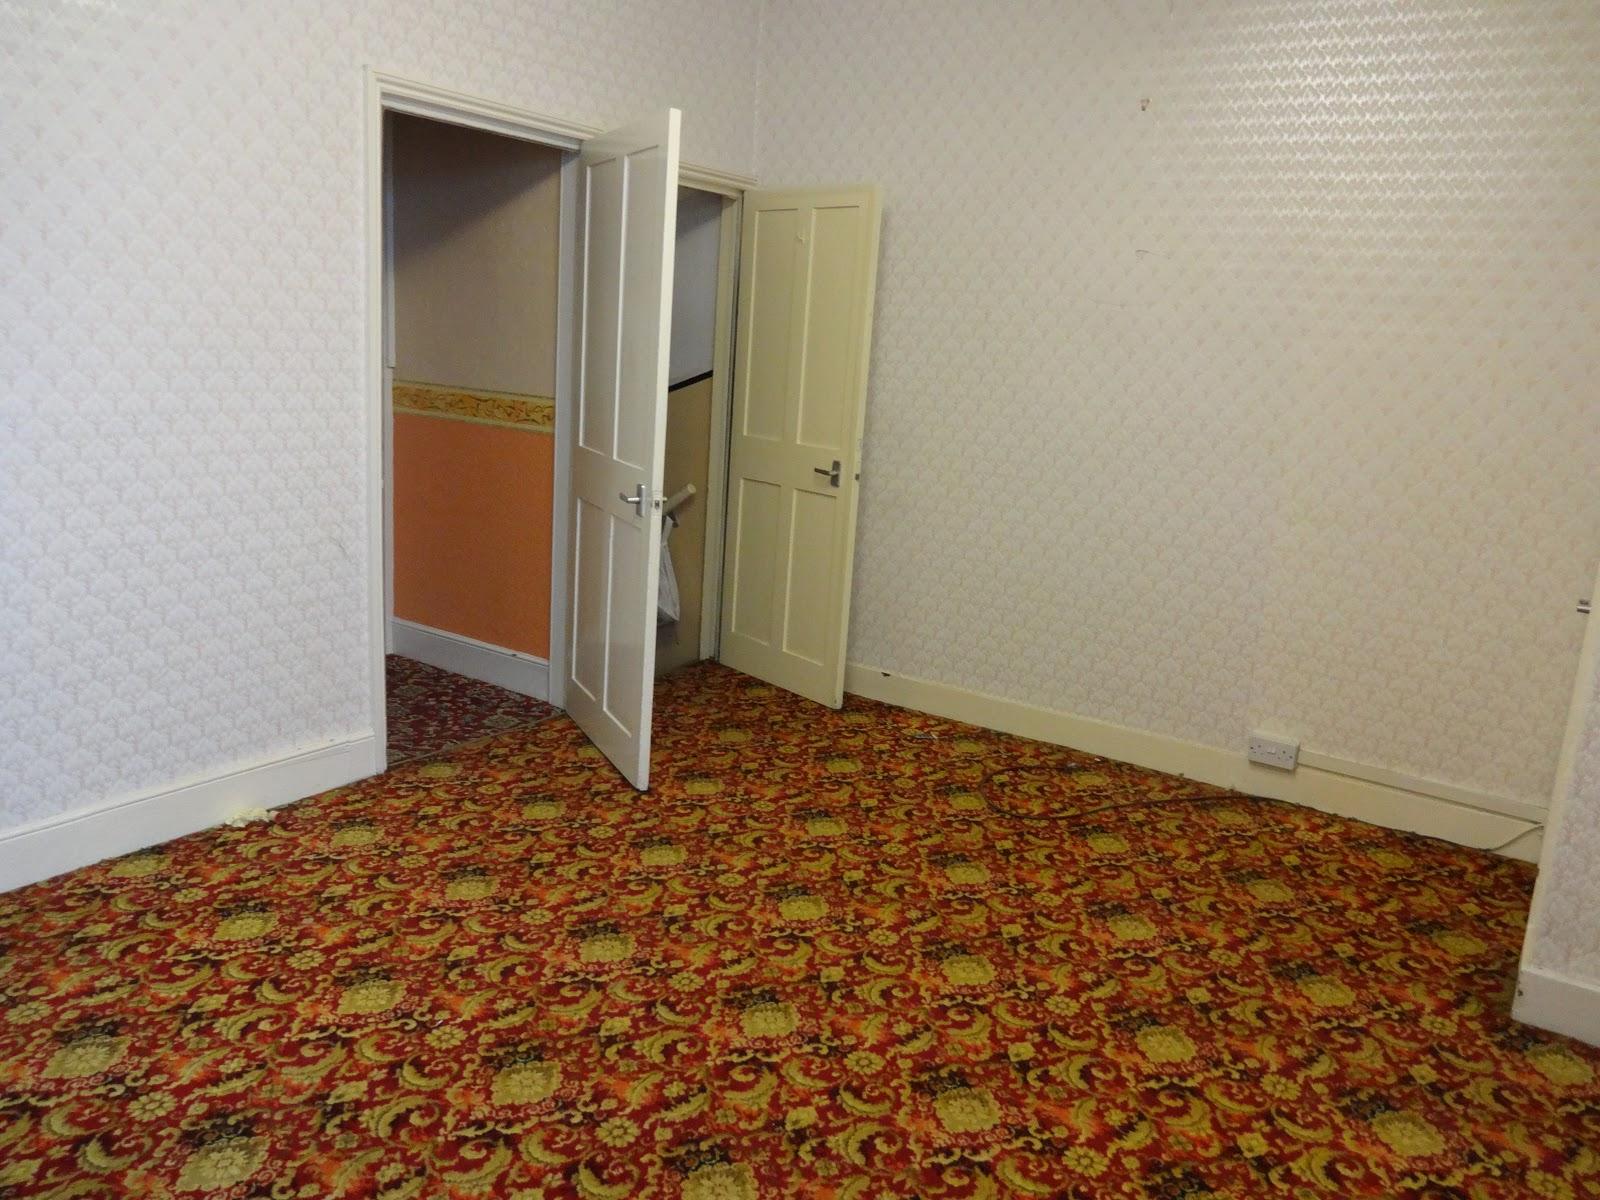 retro dining room with door to basement